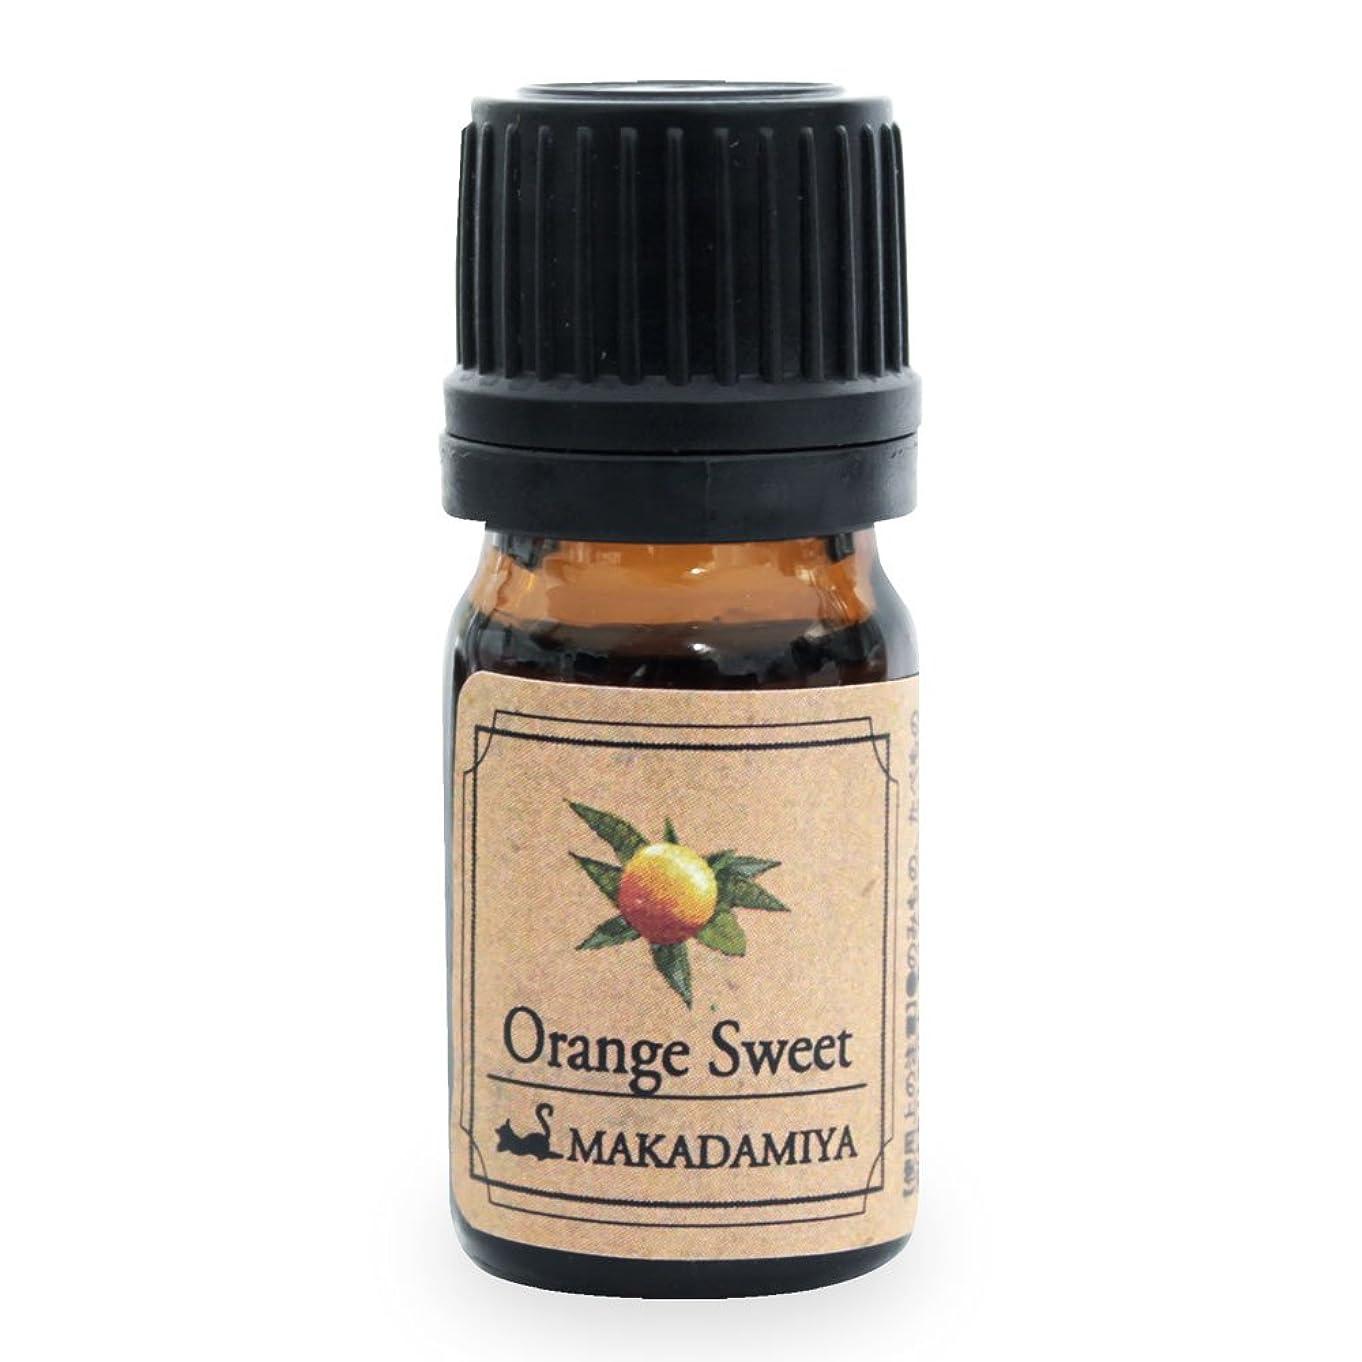 ページェントデータム工場オレンジ?スイート5ml 天然100%植物性 エッセンシャルオイル(精油) アロマオイル アロママッサージ aroma Orange Sweet